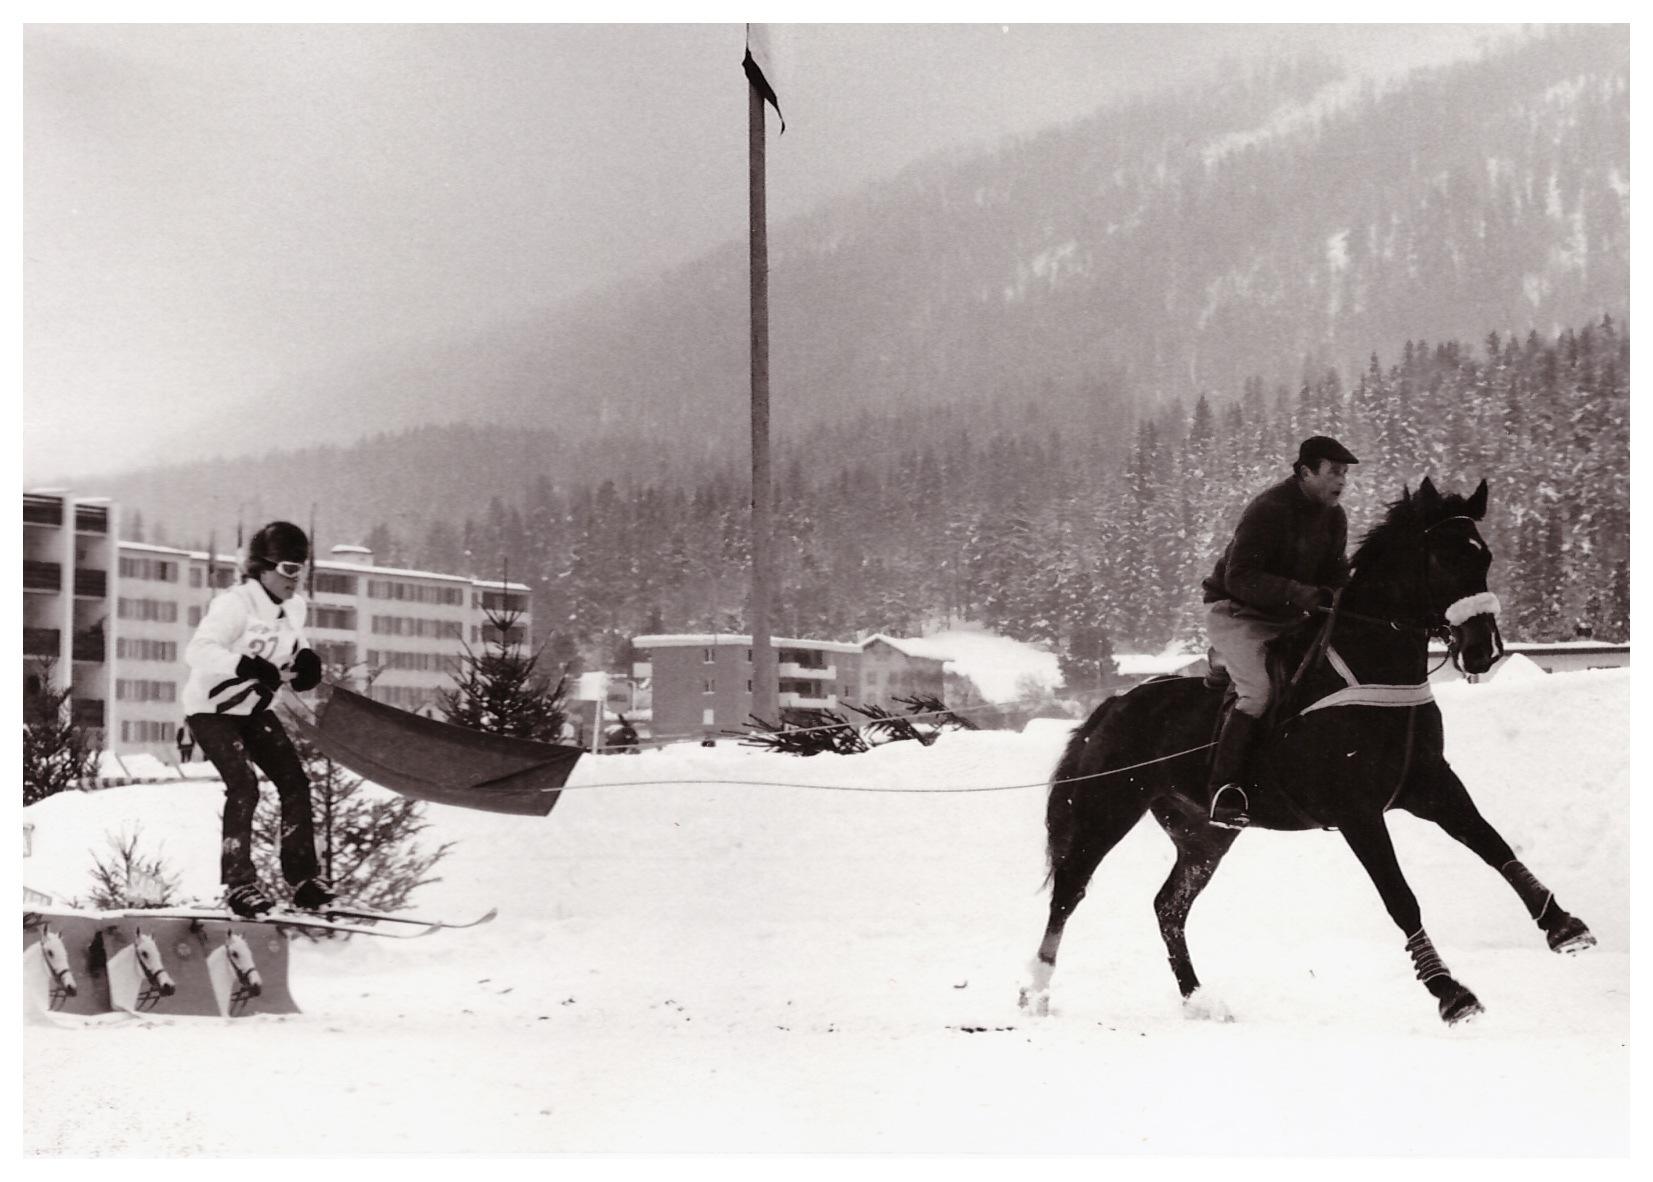 Hans und Jörg Skijöring, St. Moritz 1971